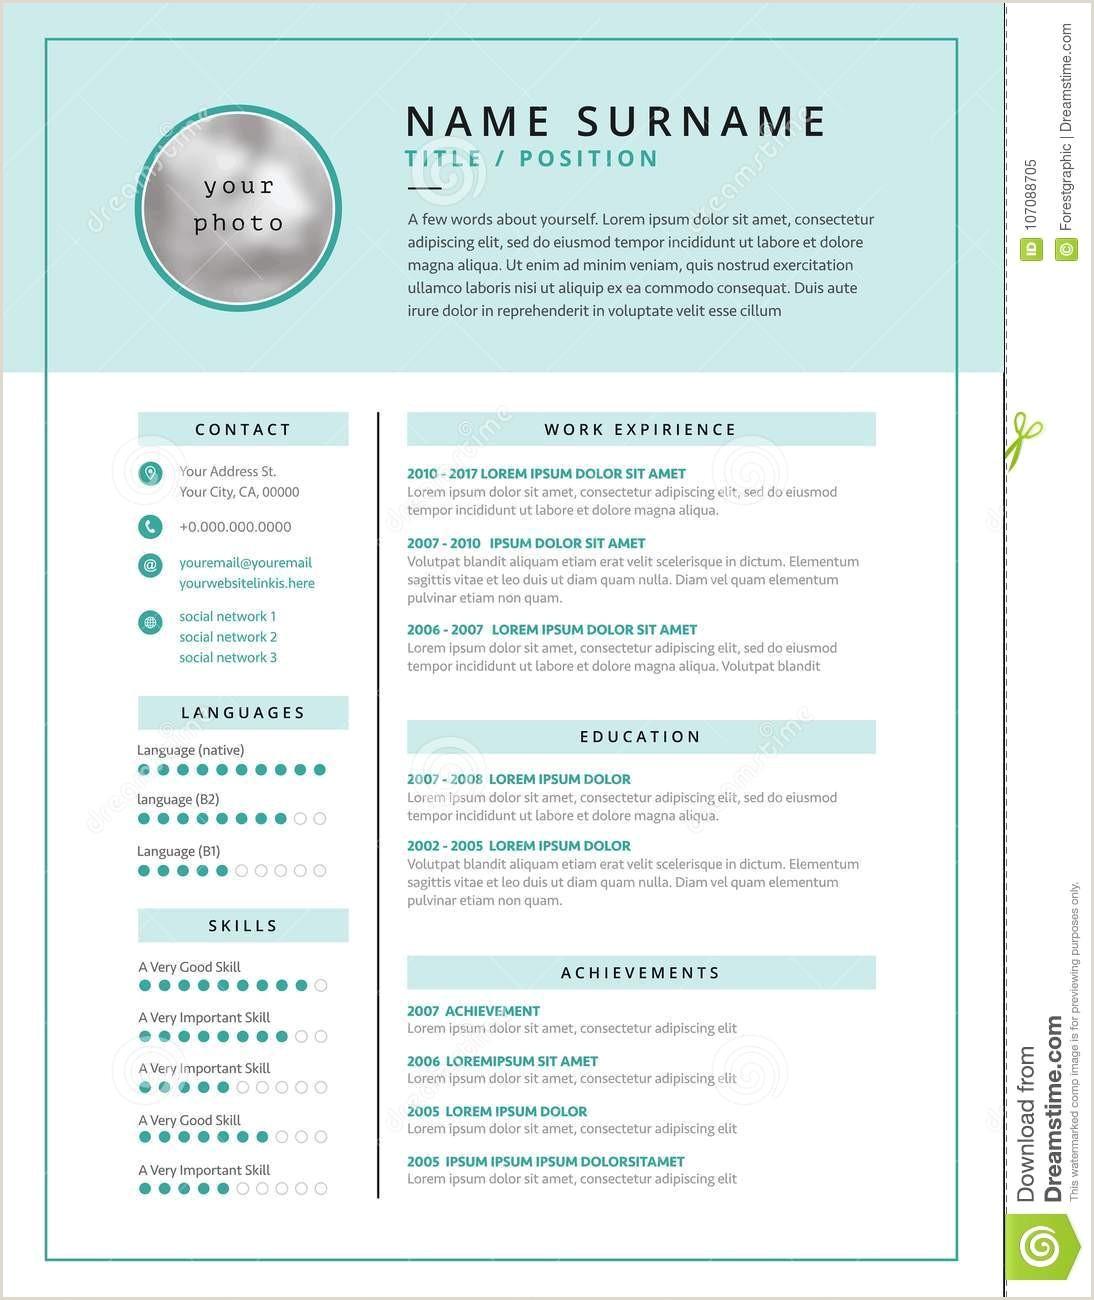 Curriculum Vitae Para Trabajo Para Rellenar Cualificaciones Curriculum Vitae Ejemplos